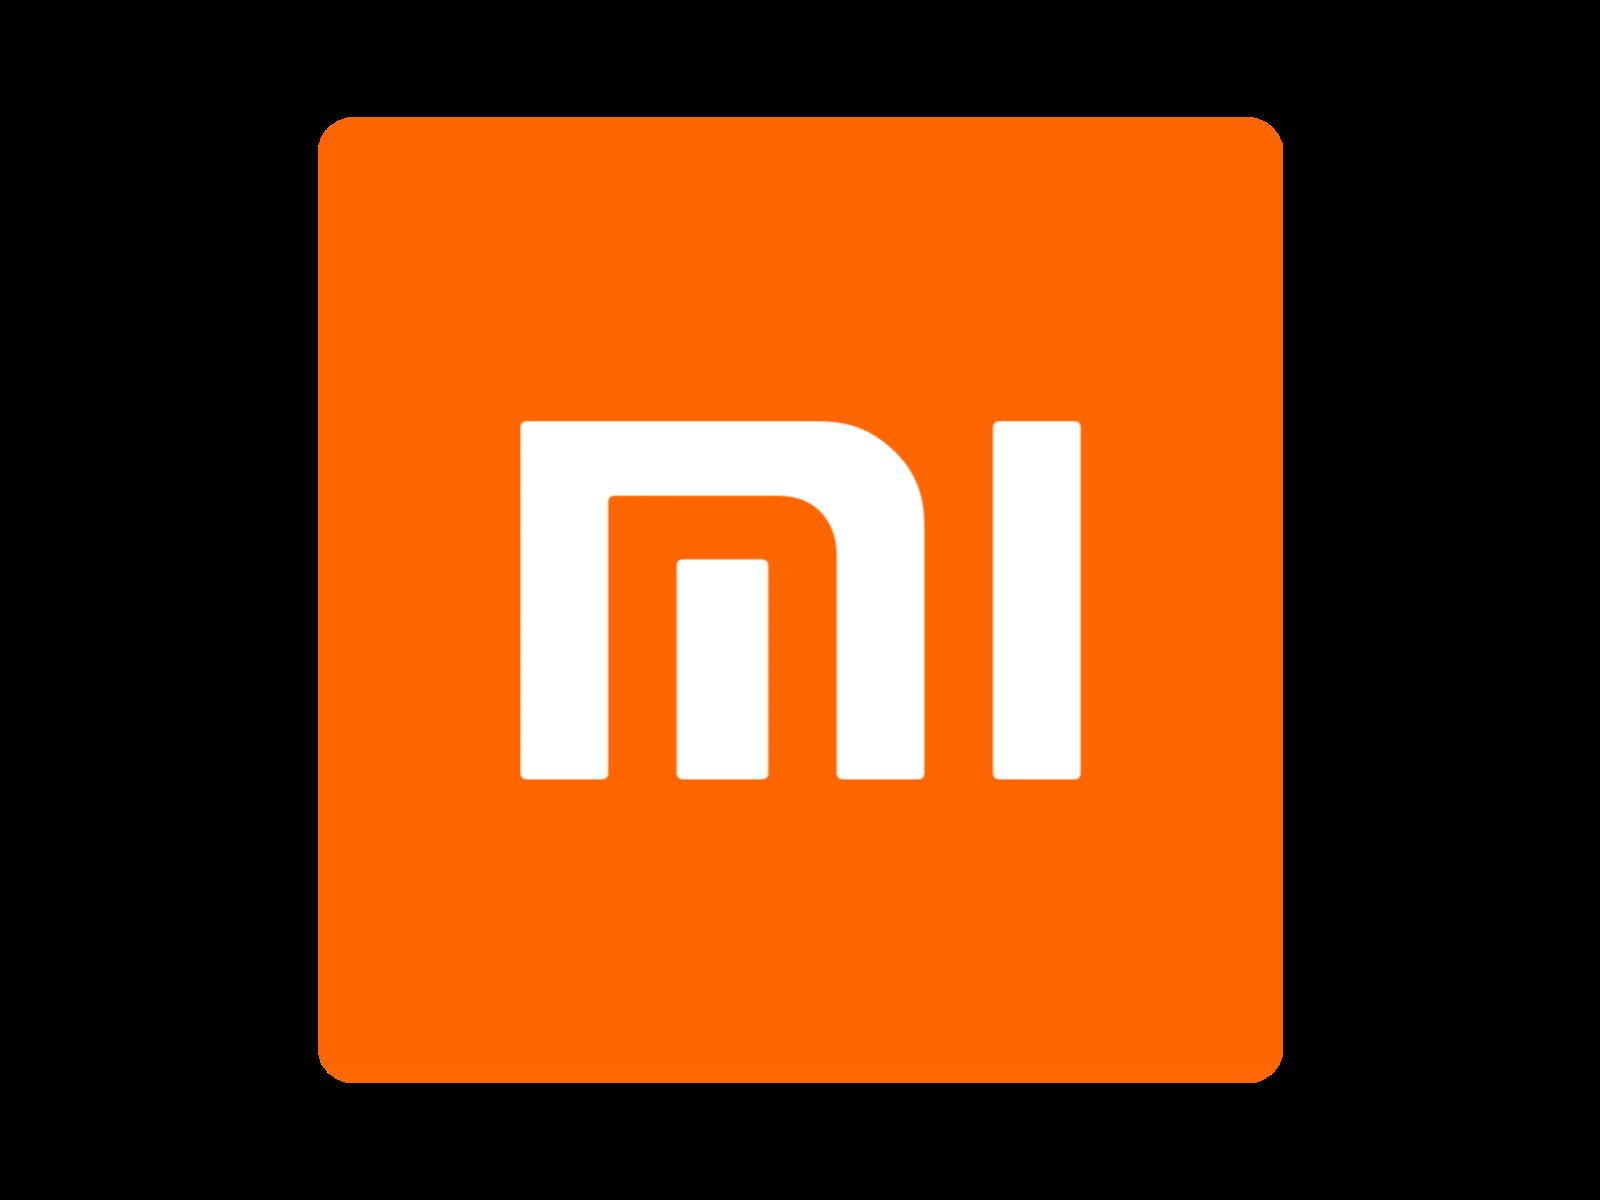 Logo Xiaomi Format PNG